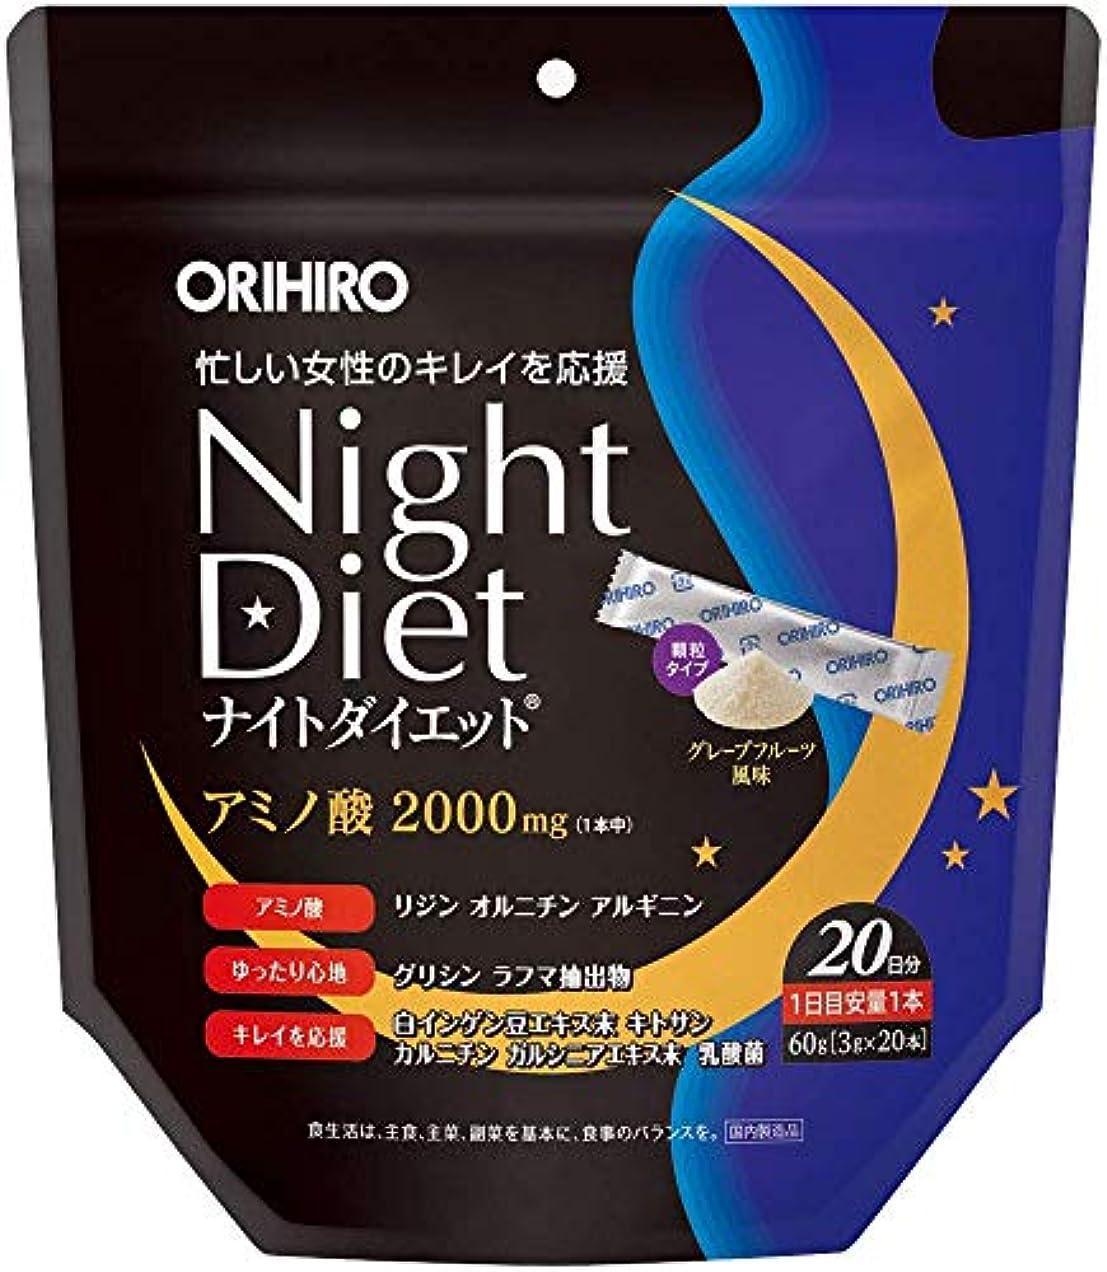 口述する悪化する沿って【お得な3セット】オリヒロ ナイトダイエット顆粒 20本